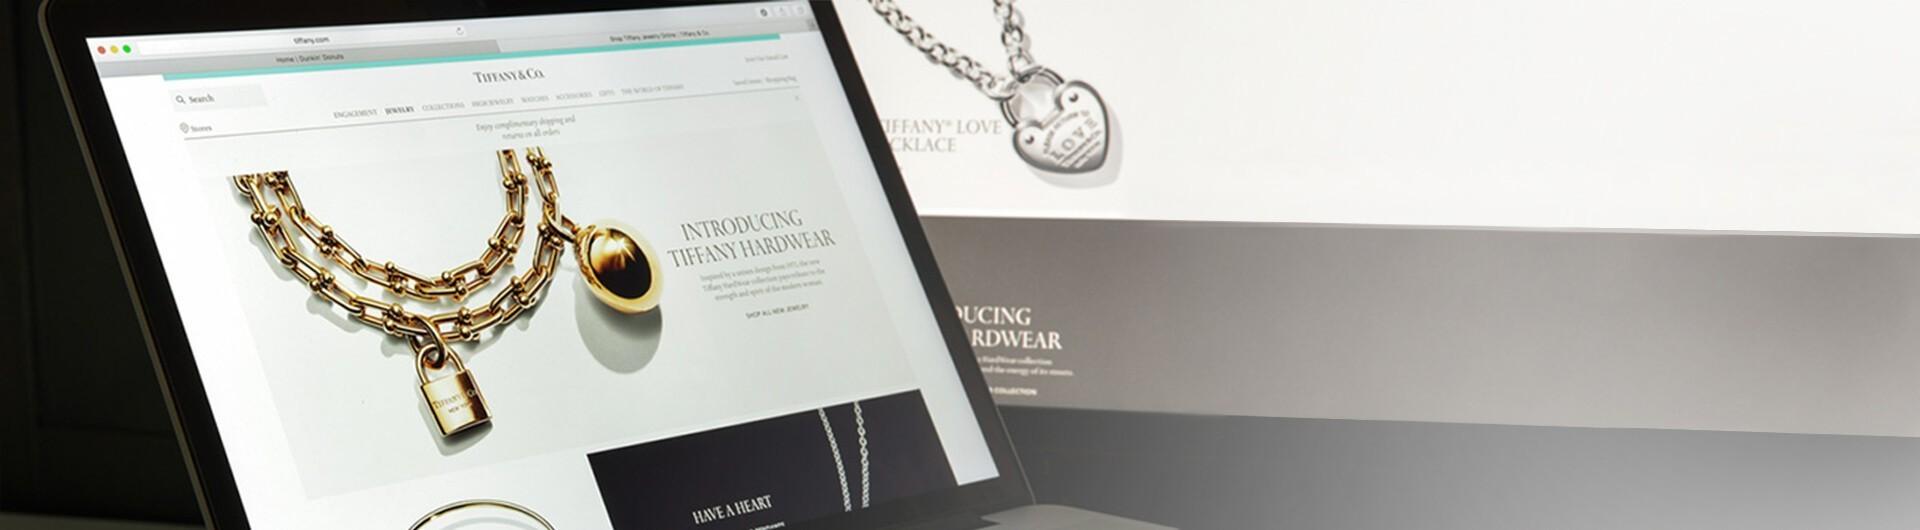 מכירת תכשיטים באינטרנט - בניית אתר מכירות לתכשיטים